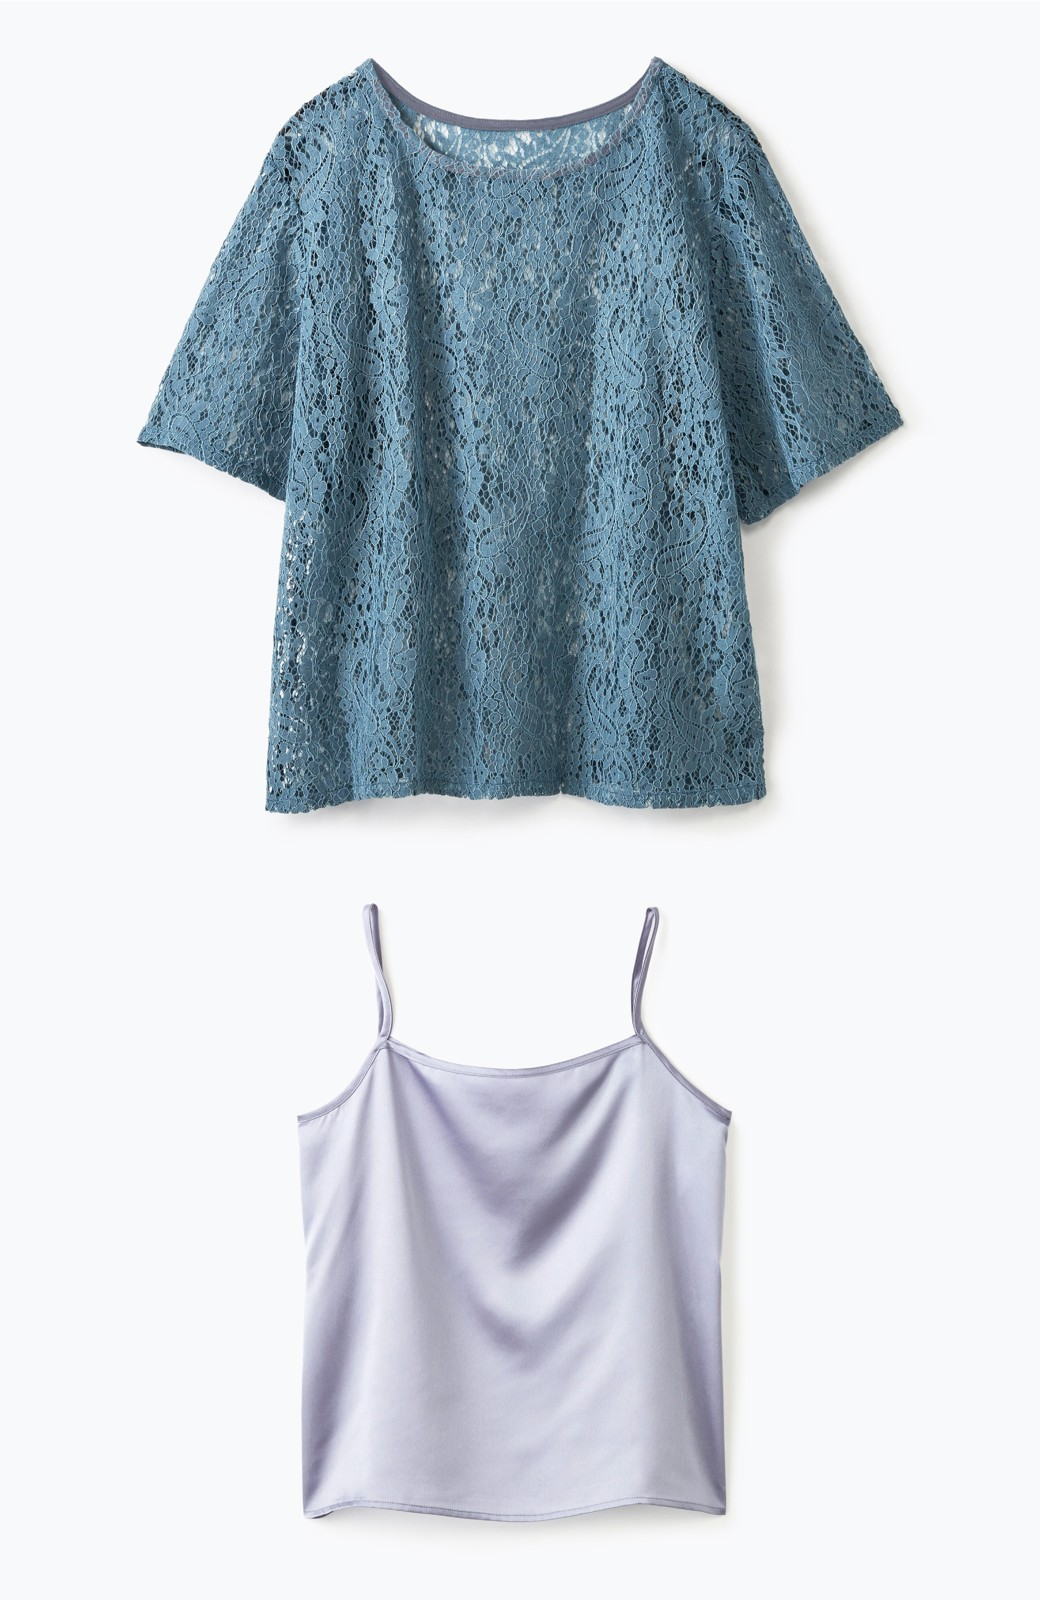 haco! いつものTシャツのかわりに着たい レースTブラウスとキャミソールセット <ブルー>の商品写真1